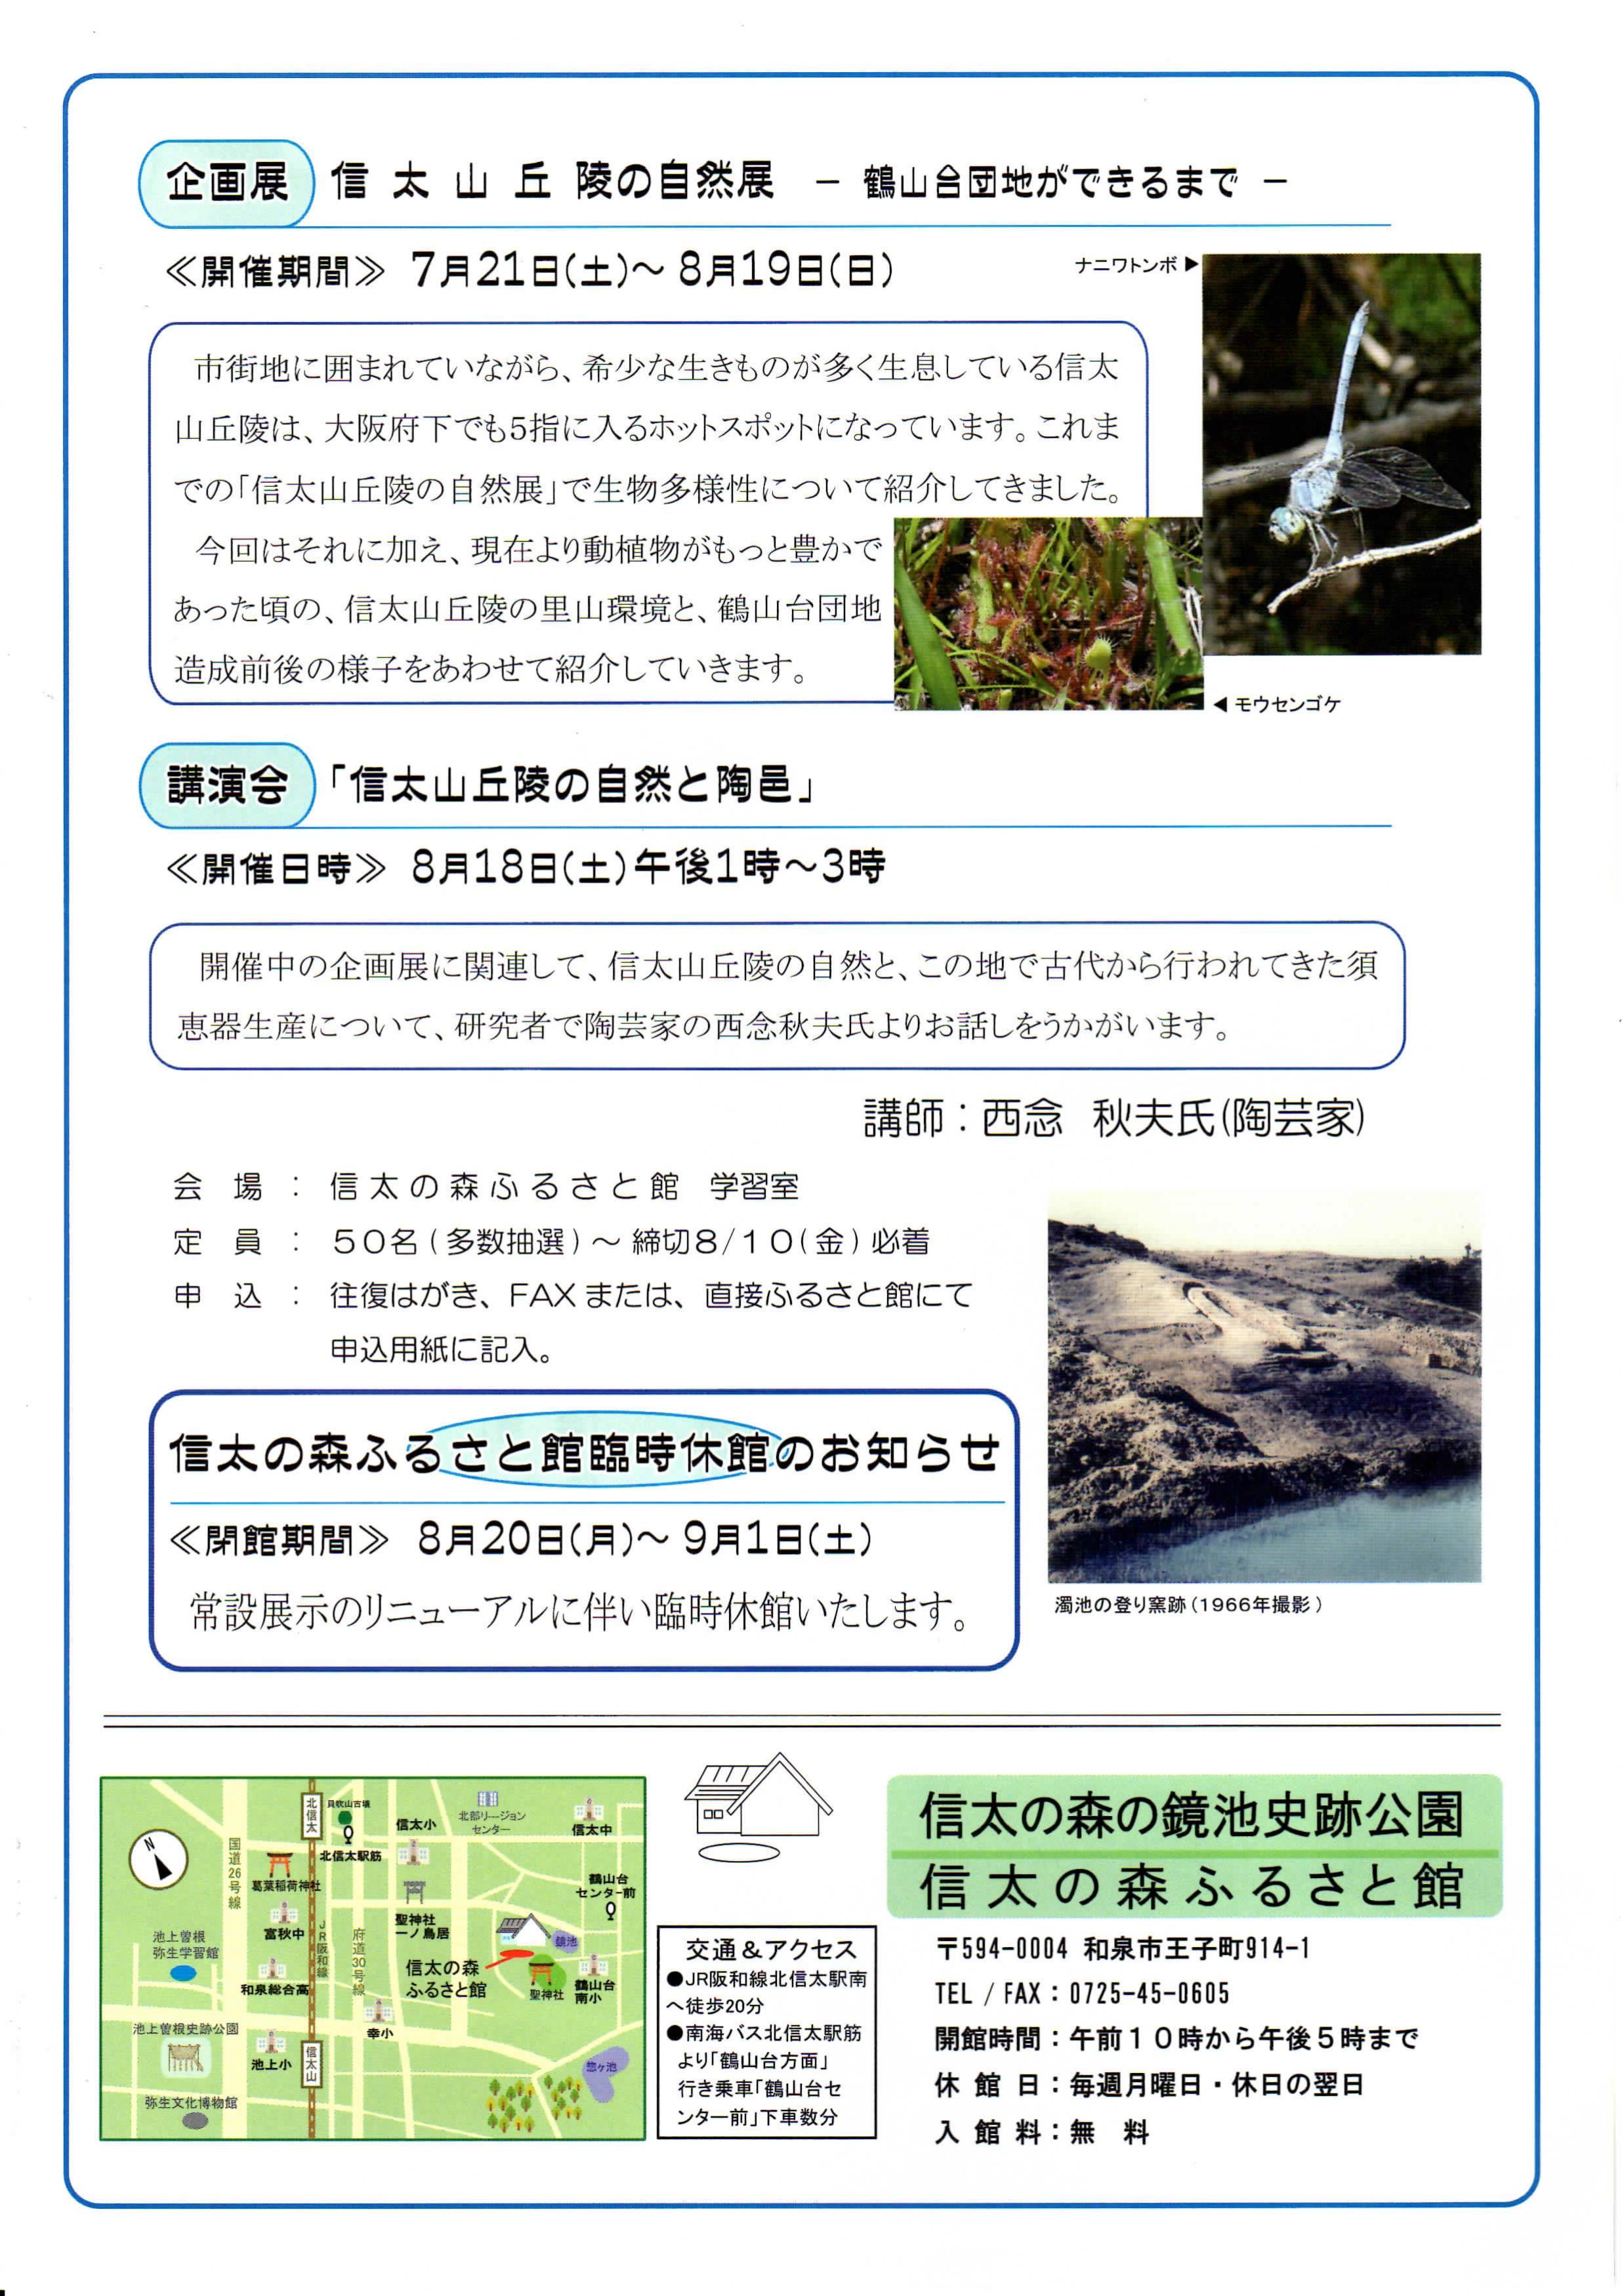 信太山丘陵の自然展02